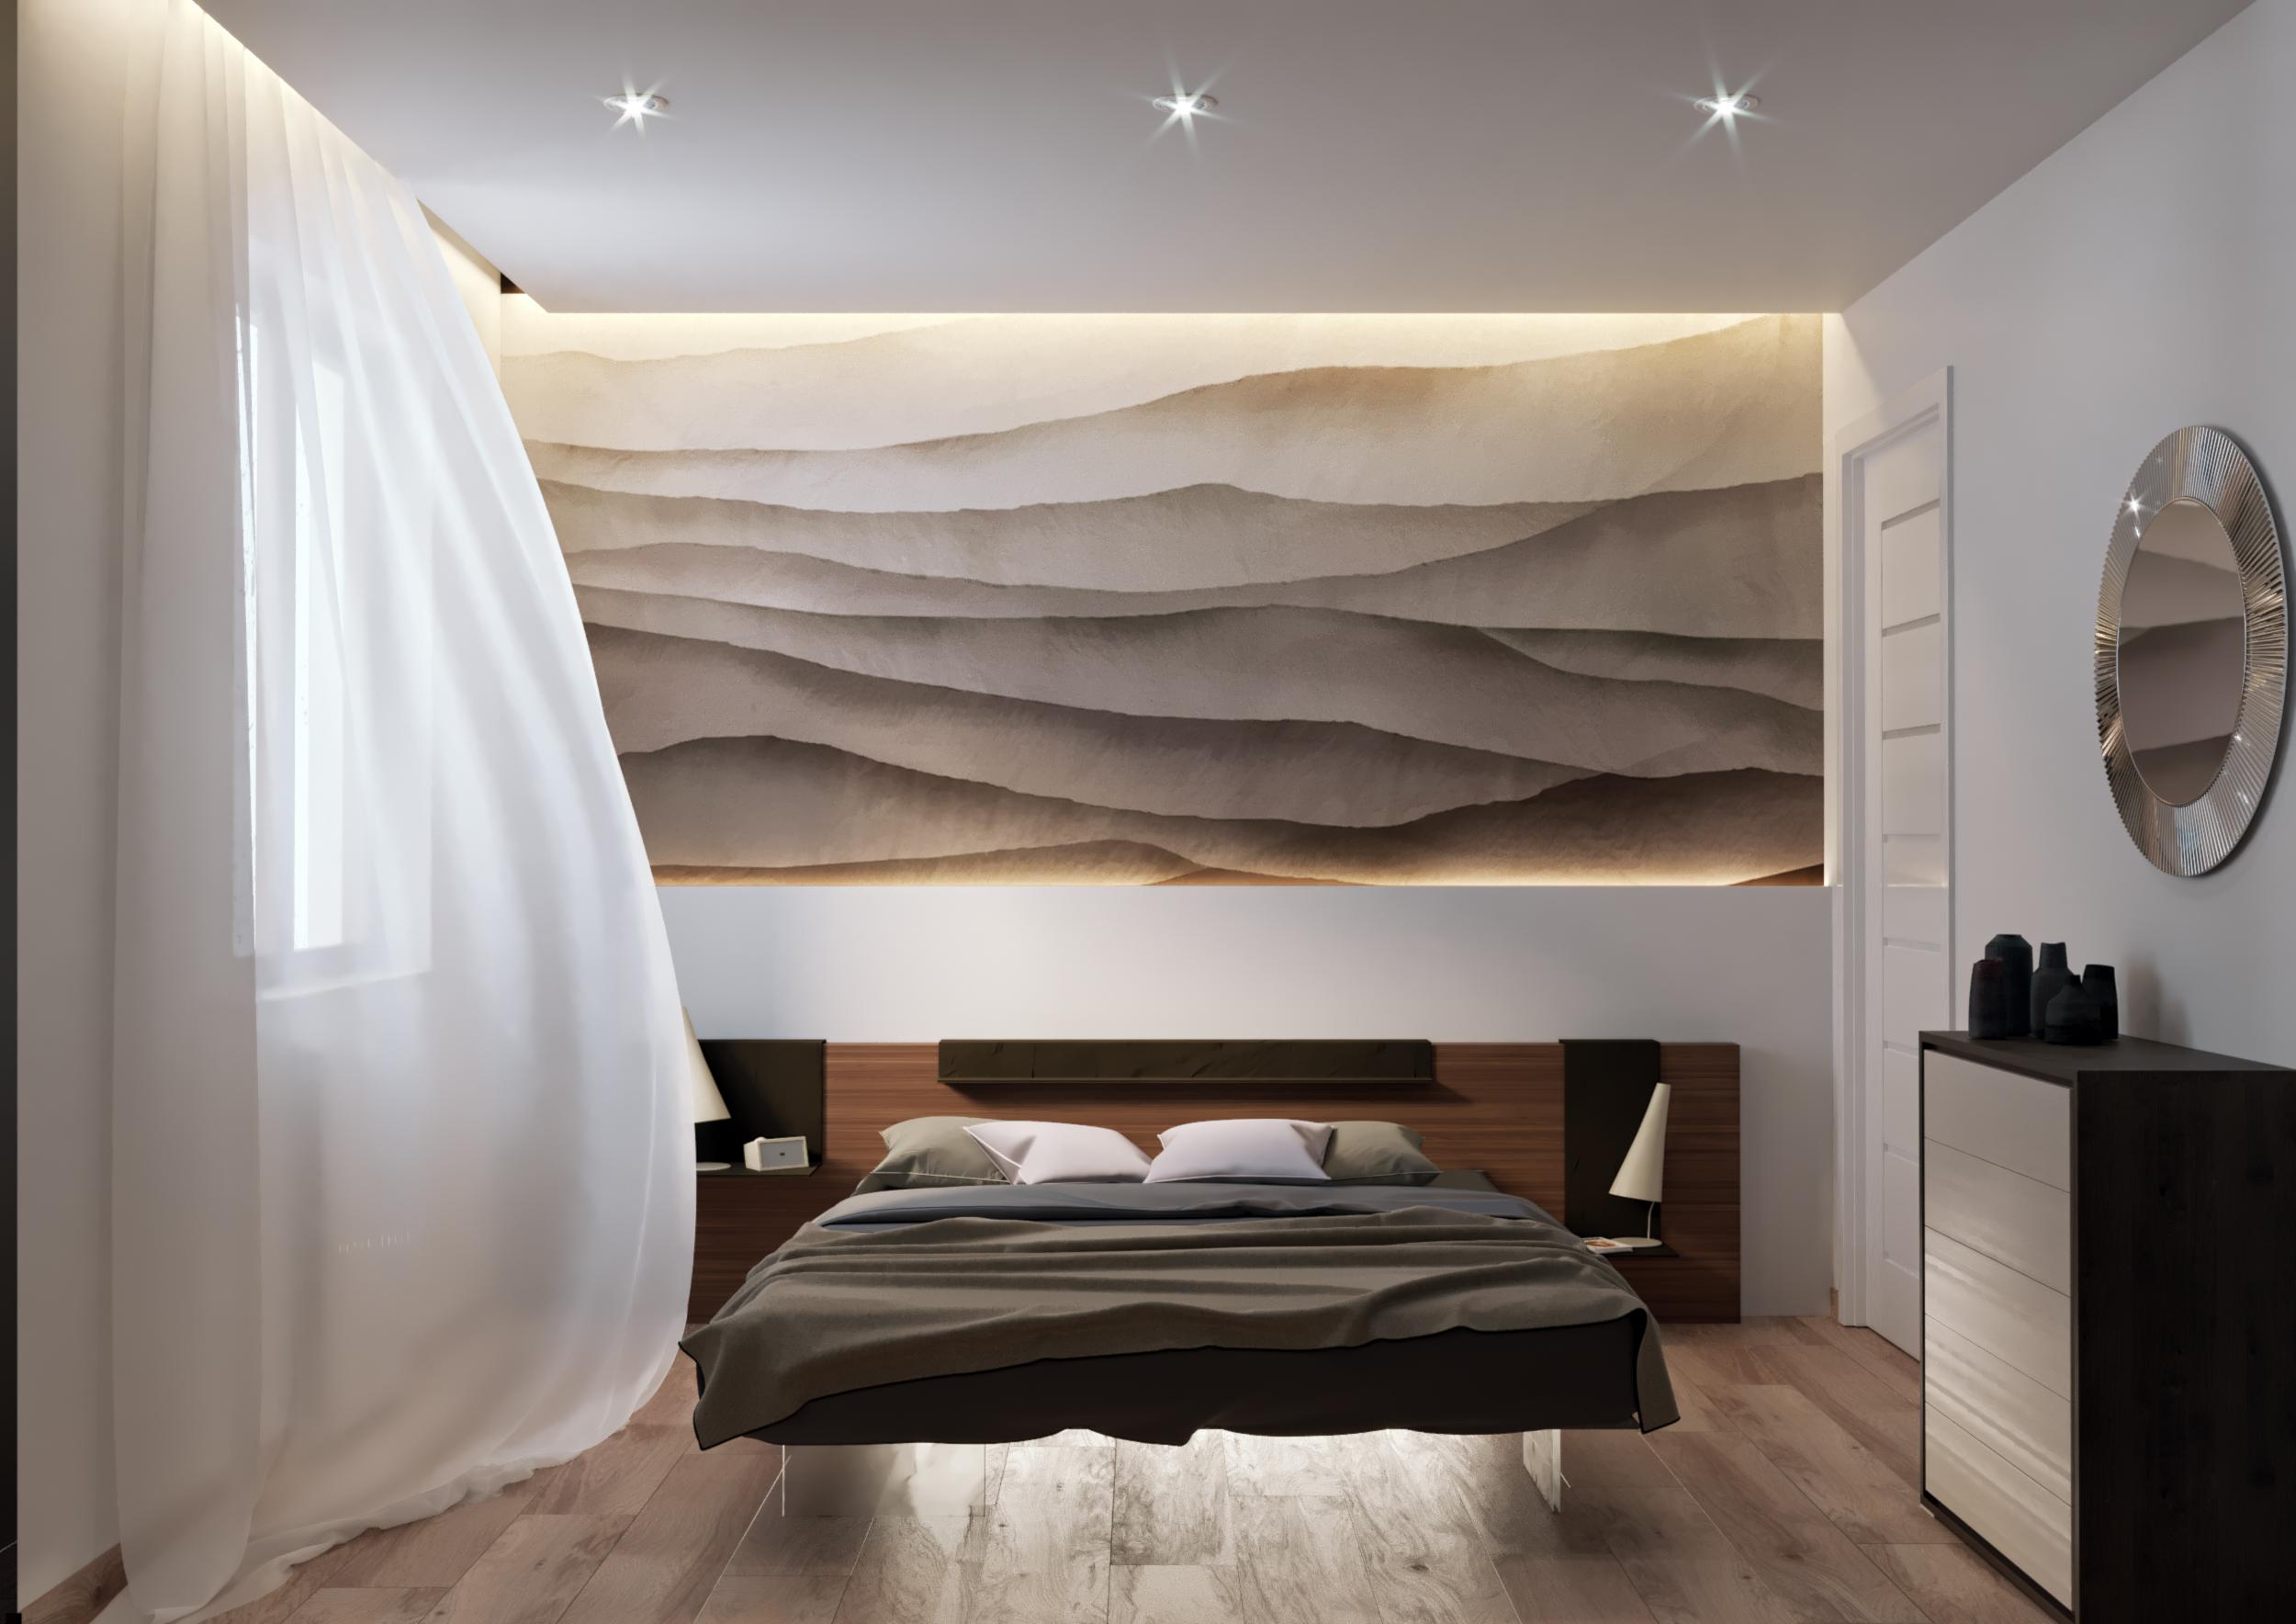 Consulenza di interior design: architetto specializzato ...